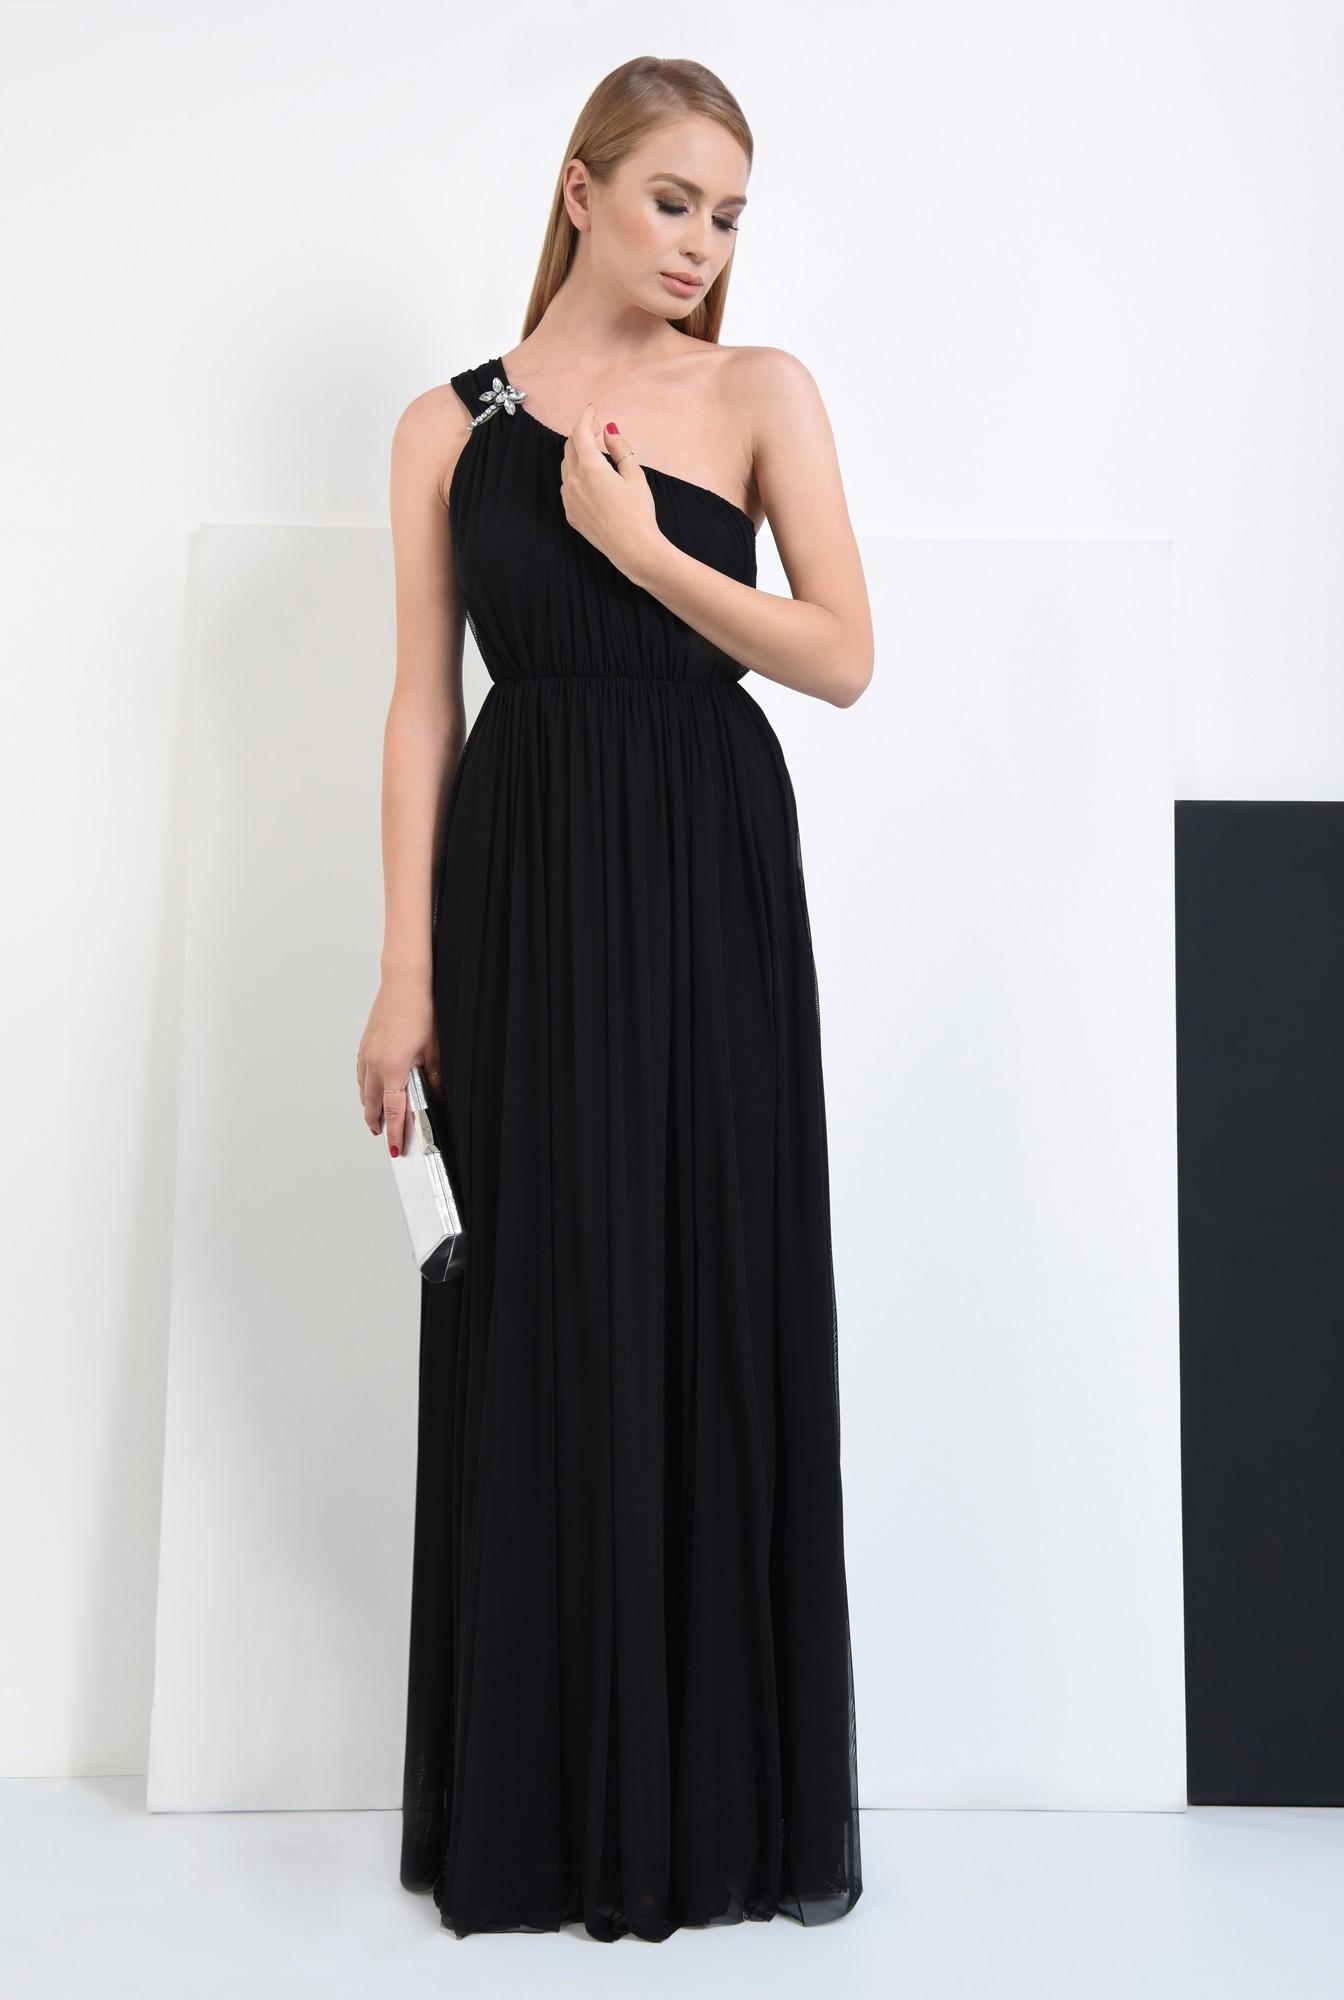 3 - 360 - rochie de seara, lunga, neagra, brosa, umar gol